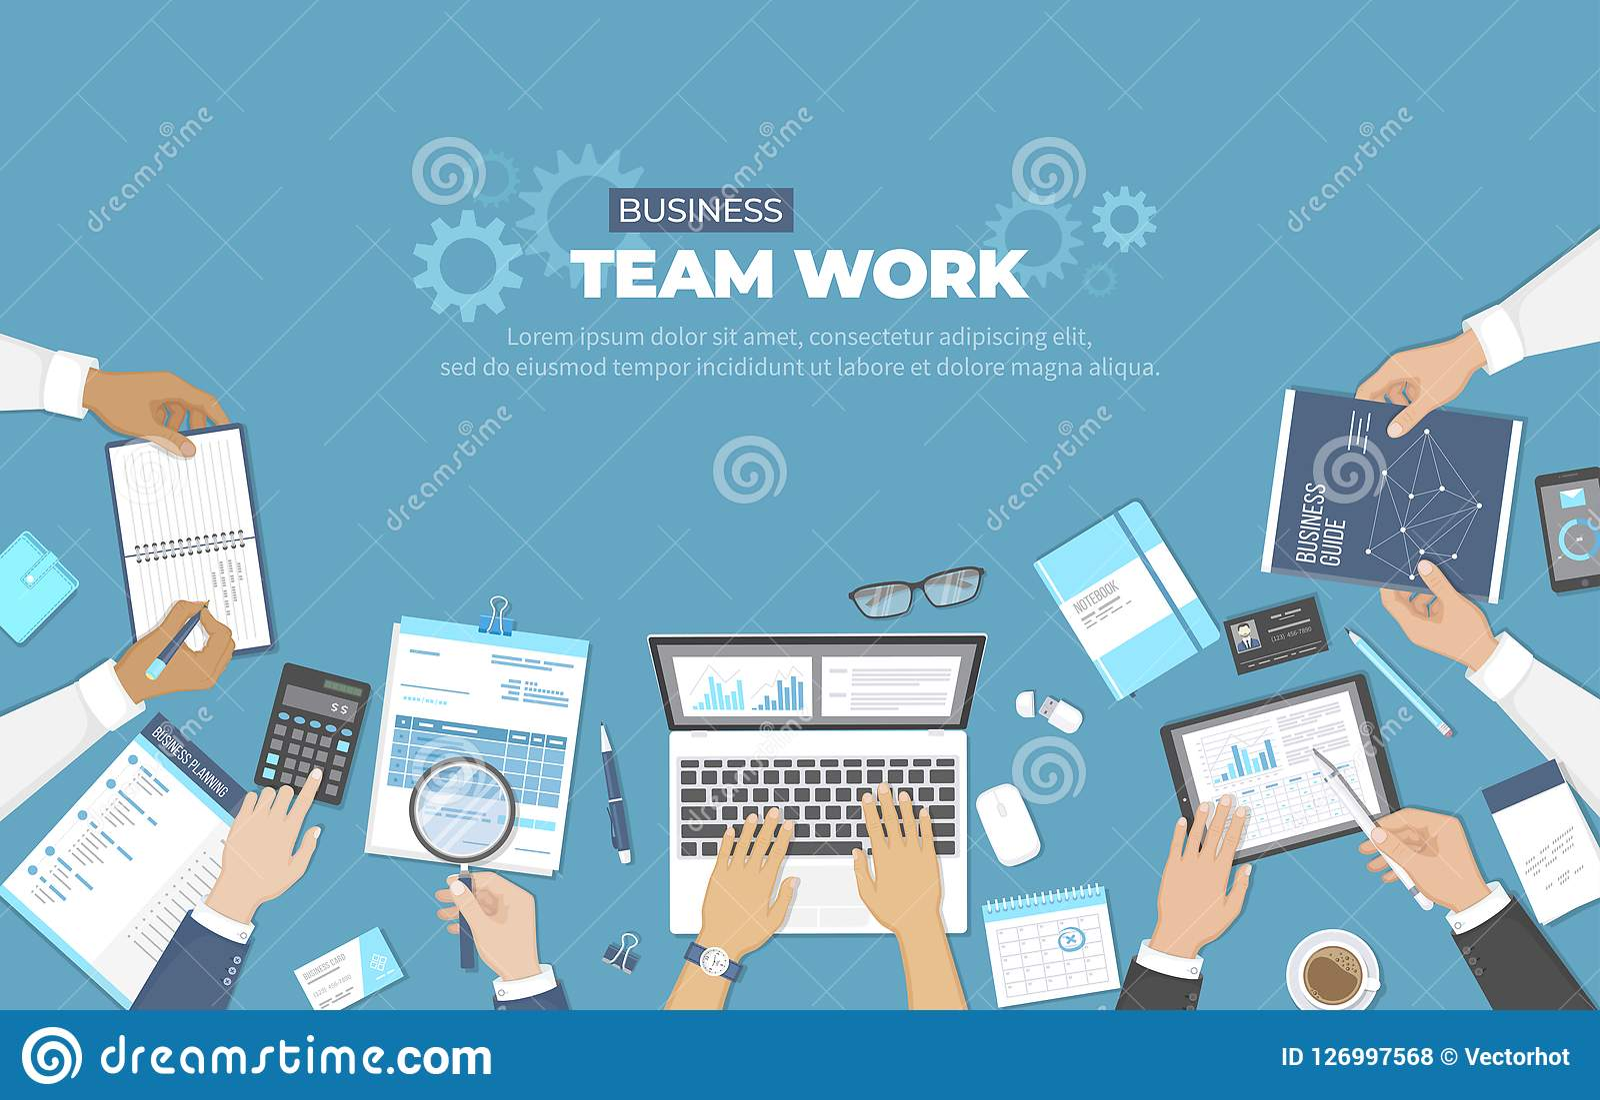 R Begrepp för kontorslagarbete Analys planläggning som konsulterar, projektledning Businessmans